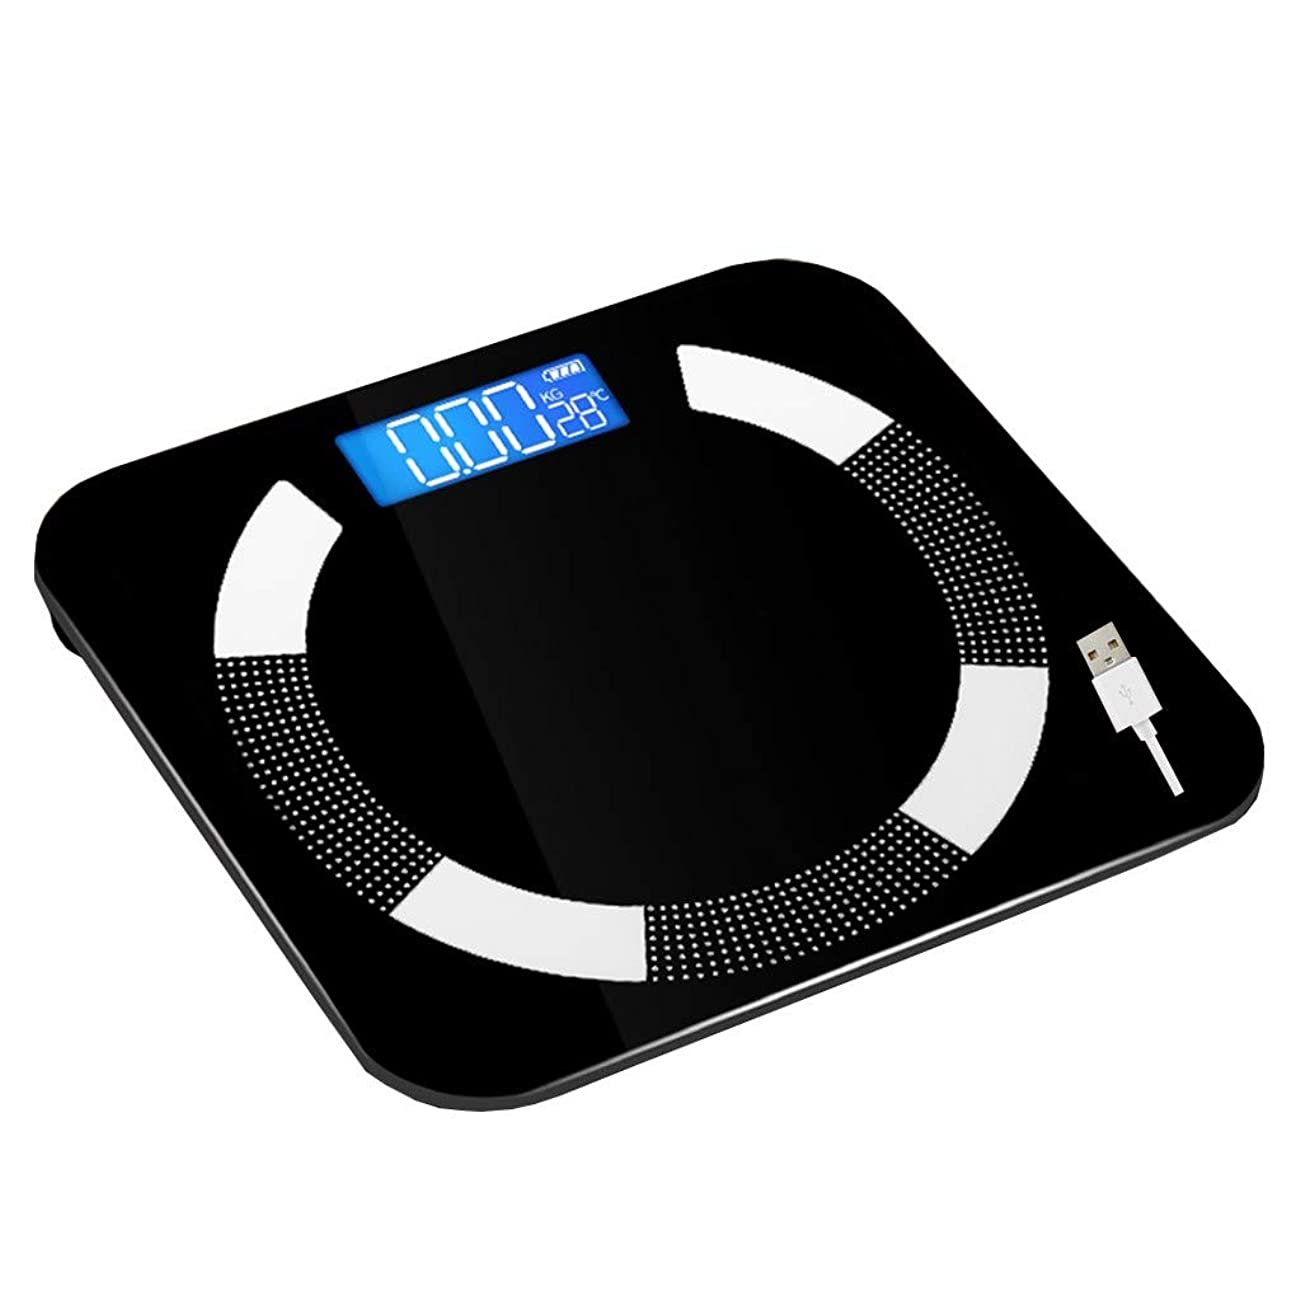 放出ミニ予算高精度体重計デジタル健康的な失う体重浴室スケール隠しスクリーンディスプレイ強化ガラスusb充電180キログラム容量